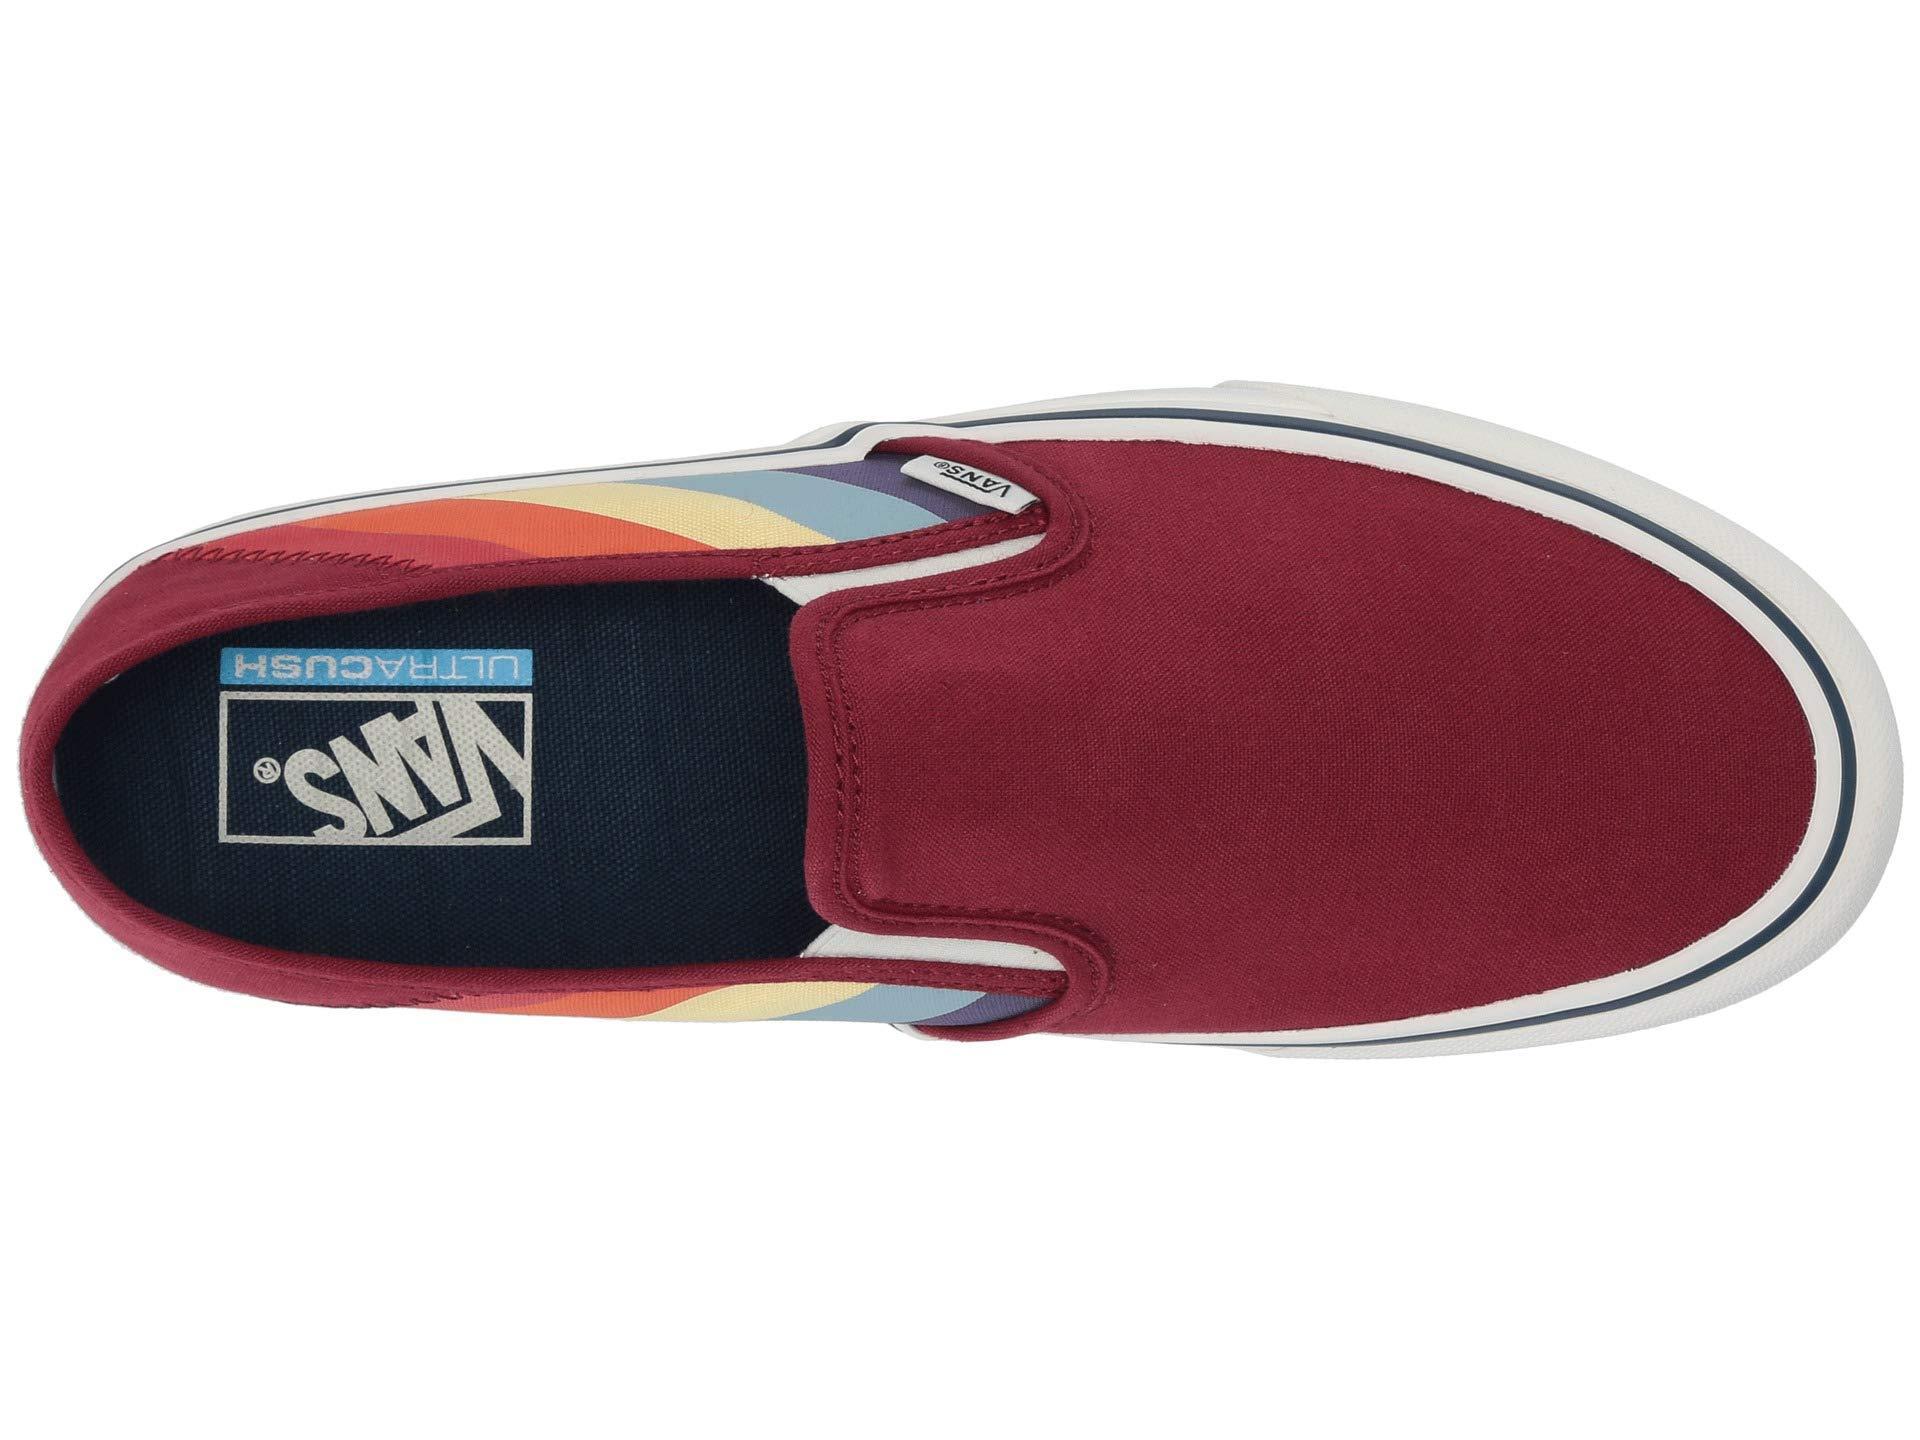 Rad Rainbow Slip-on Sf Womens Shoes